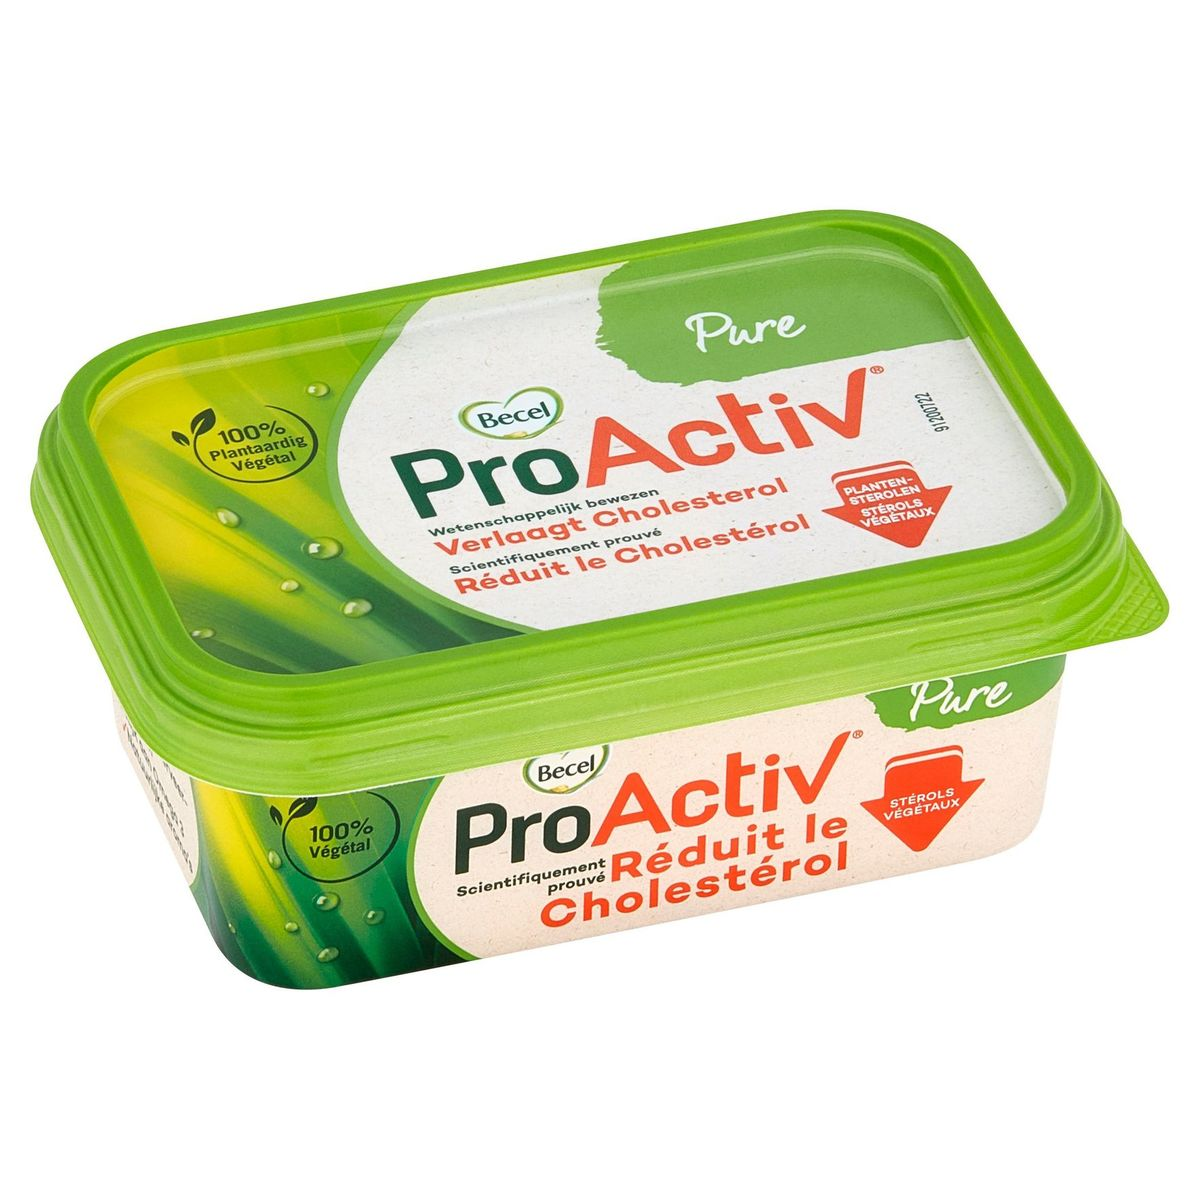 ProActiv   Réduit le cholestérol   Pure   250g